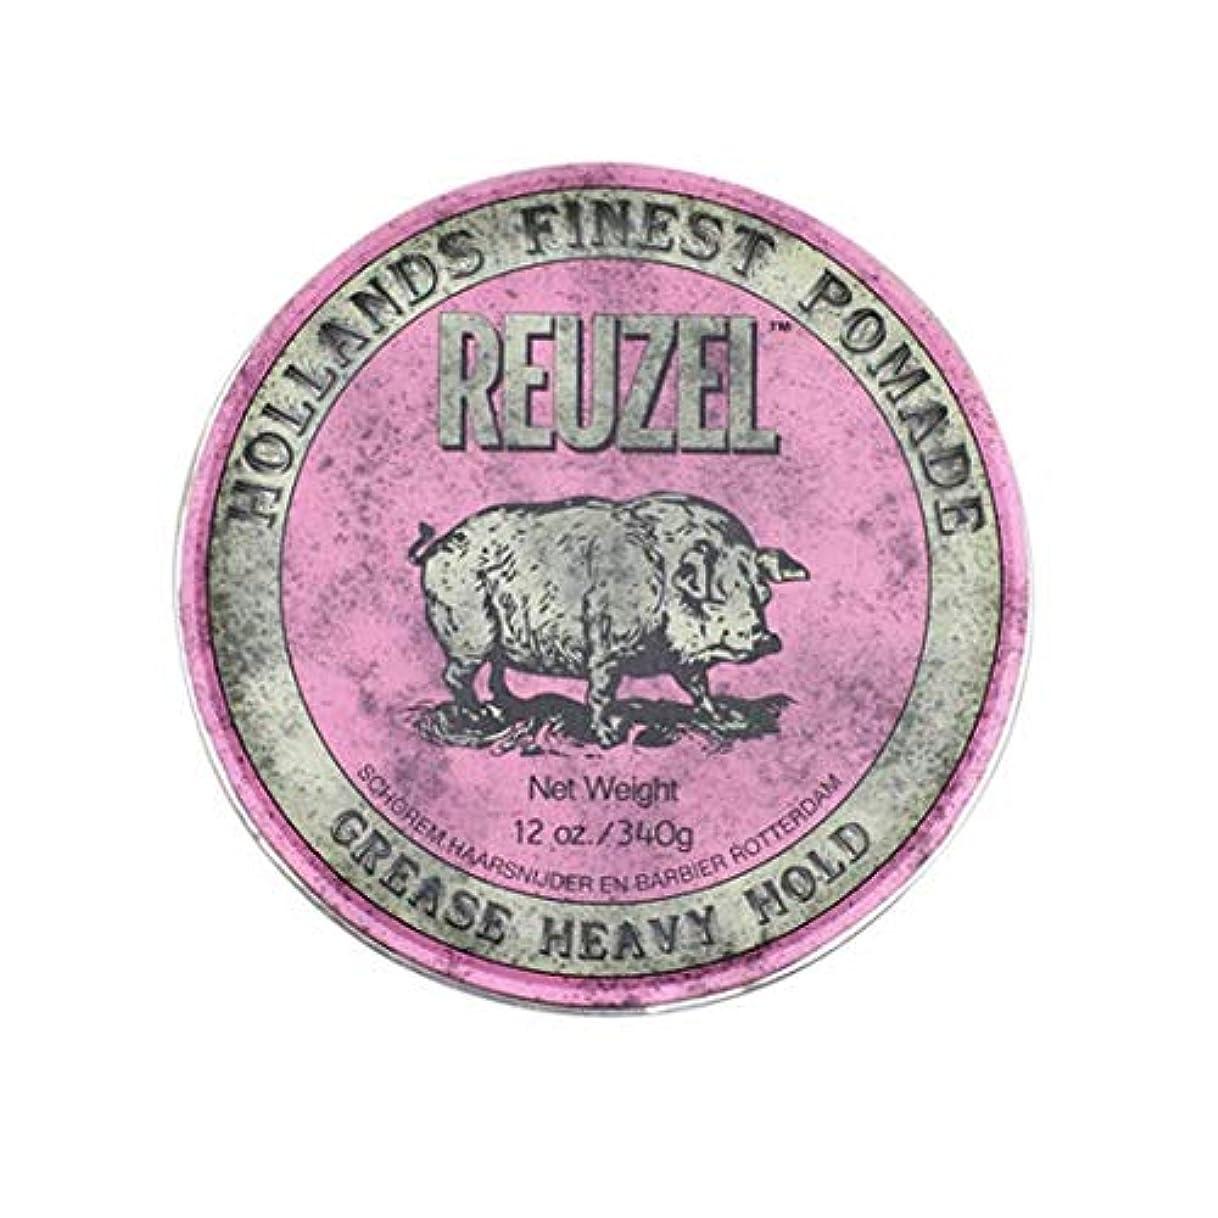 肘掛け椅子征服するクマノミルーゾー(REUZEL) ヘビーホールド ピンク MIDIUM SHINE 340g